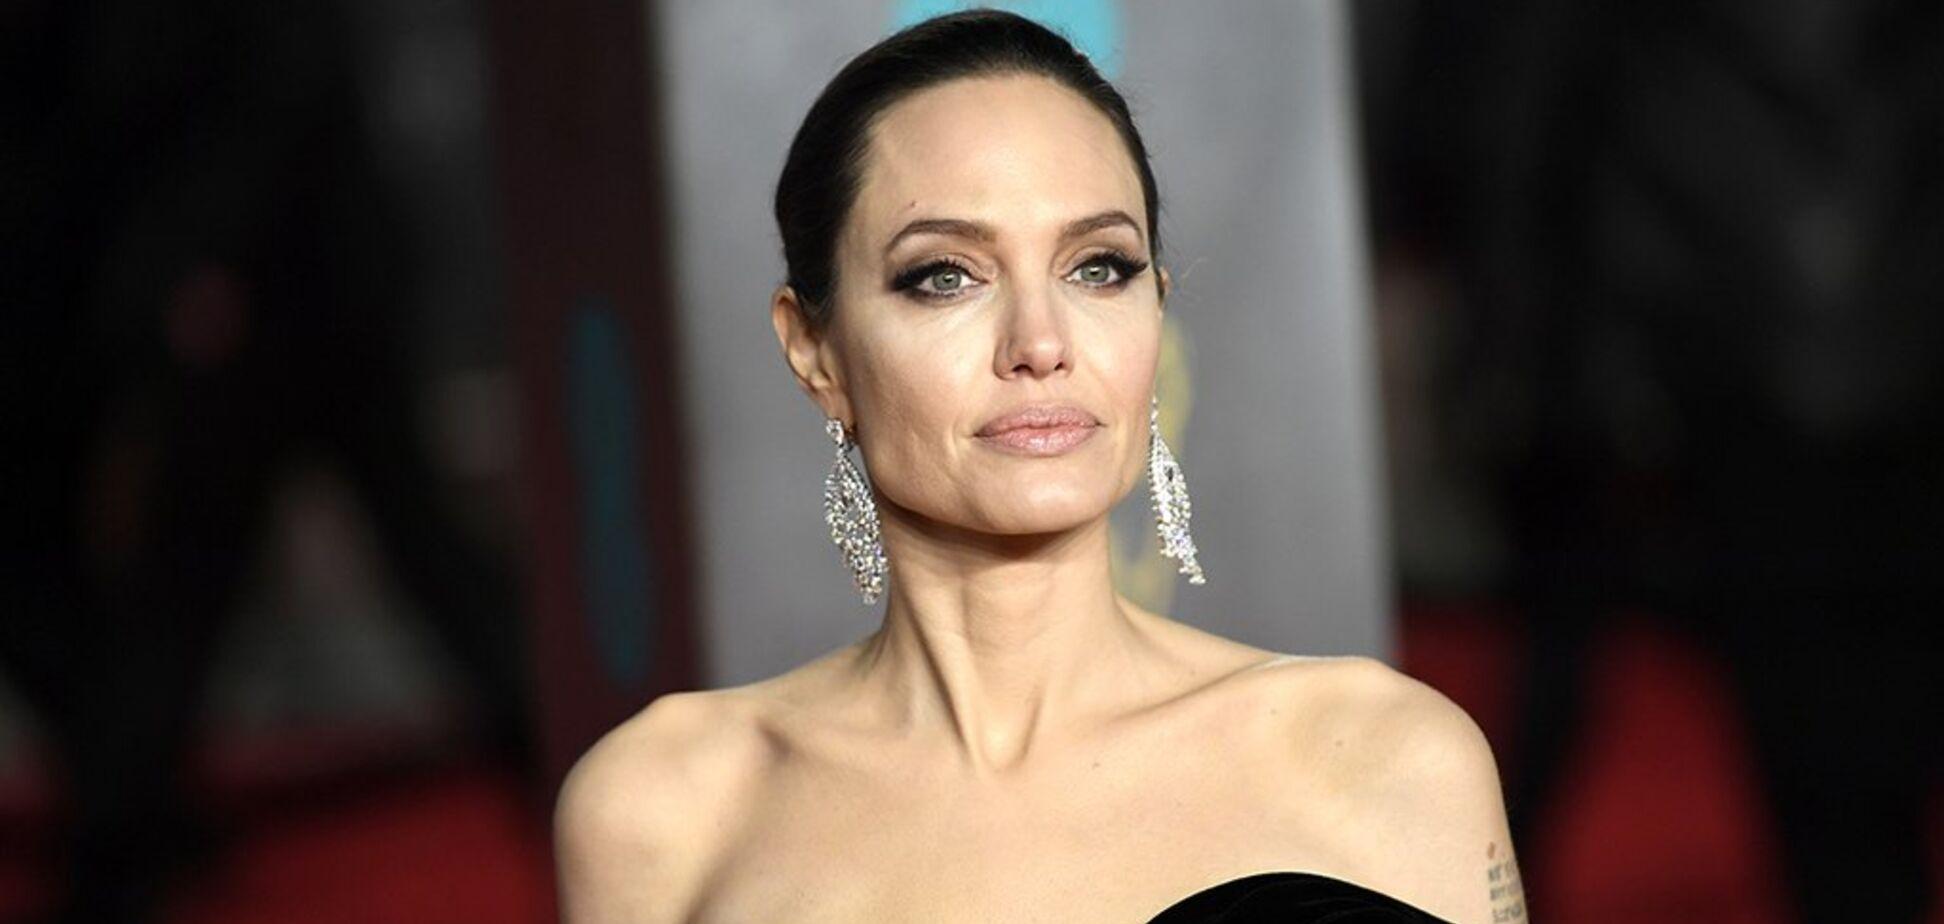 Що спільного у Анджеліни Джолі і Наталії Андрейченко: дивовижний факт